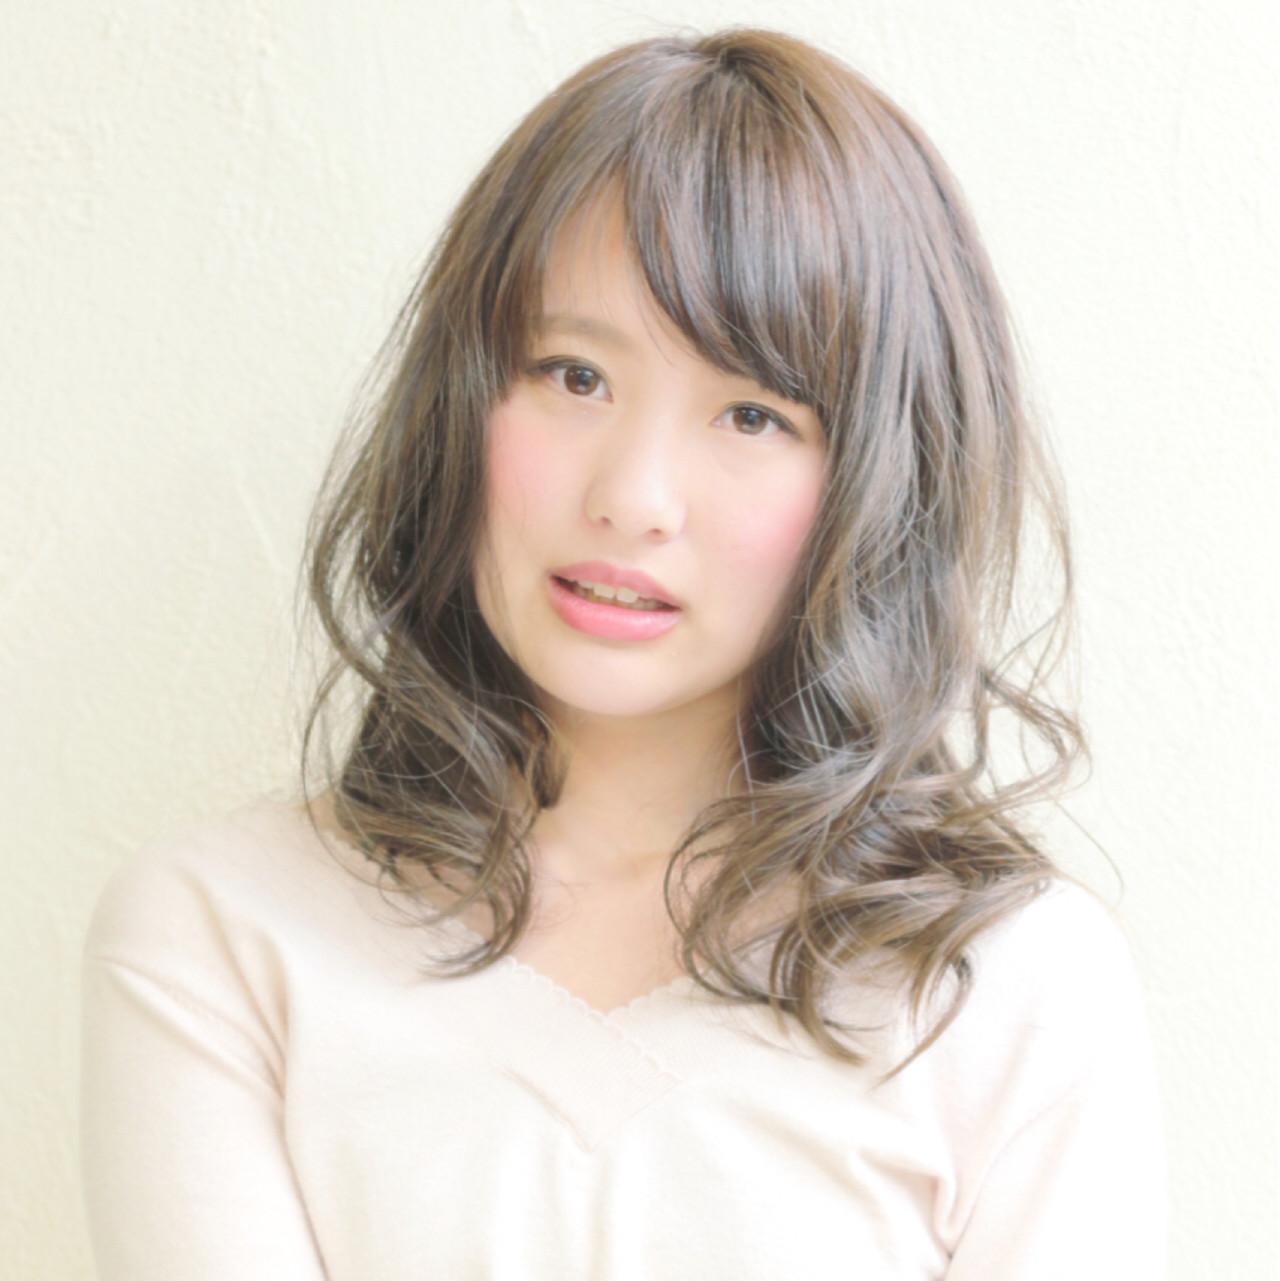 ミディアムヘアの巻き方伝授♡コテとアイロンでゆるふわに仕上げるコツ 瀬戸 亮平 / Rulyru